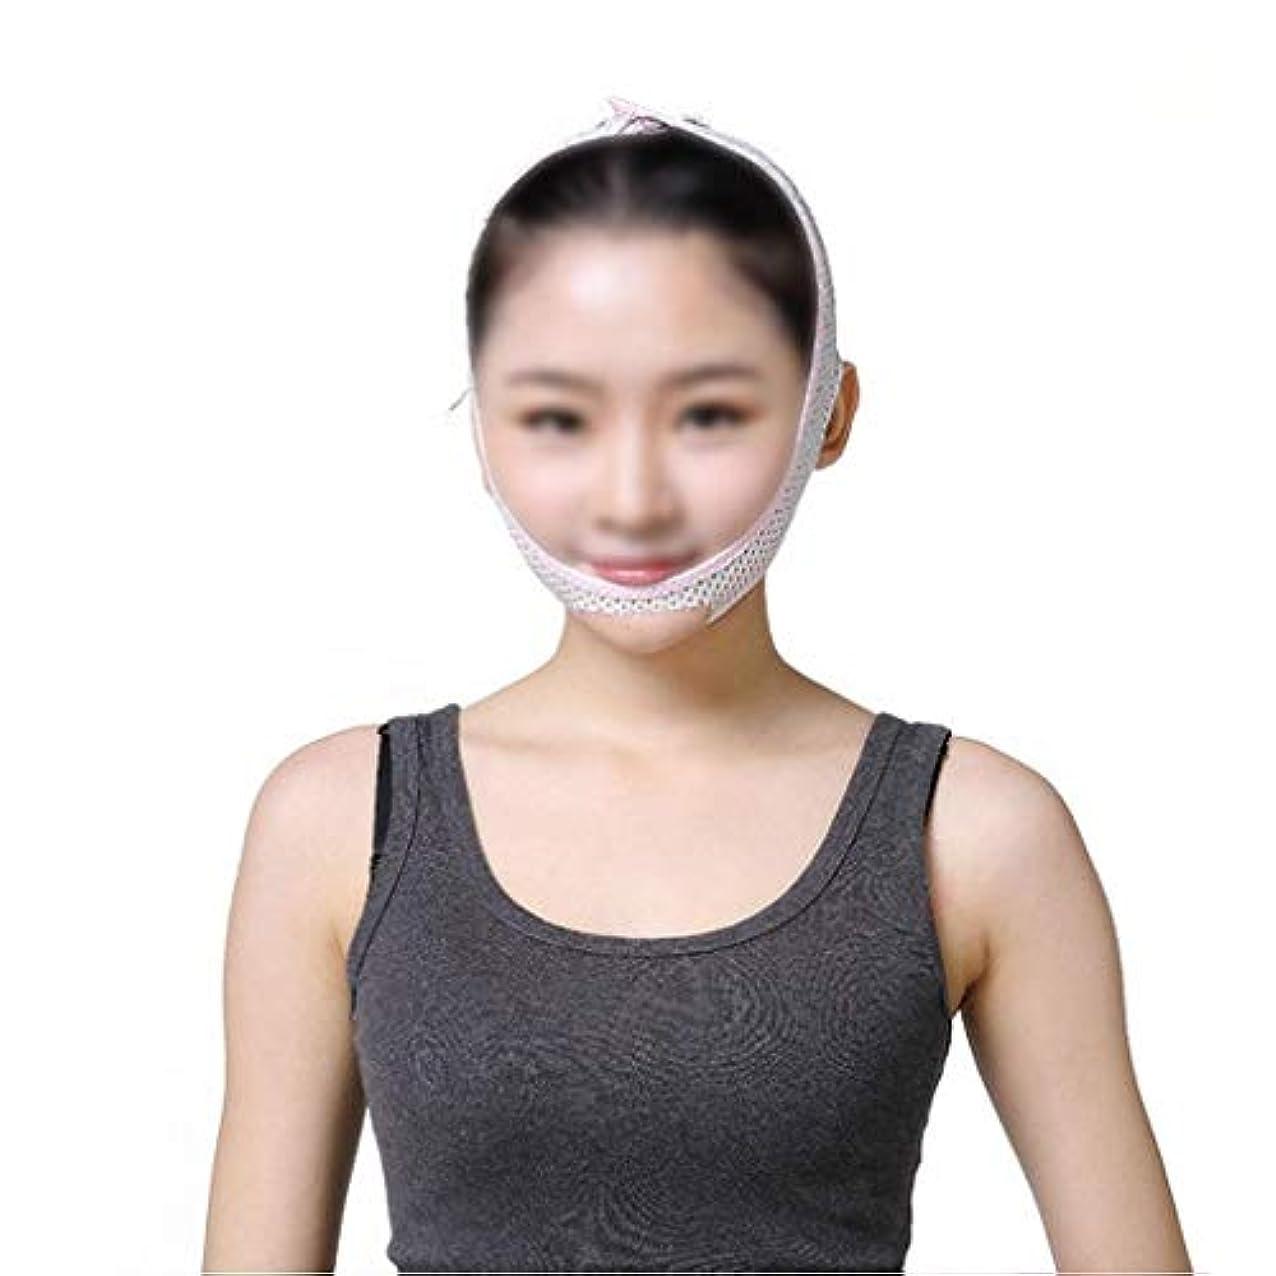 航海エトナ山合併症フェイスリフティングマスク、快適で リフティングスキンファーミングスリープシンフェイスアーティファクトアンチリンクル/リムーブダブルチン/術後回復マスク(サイズ:M)